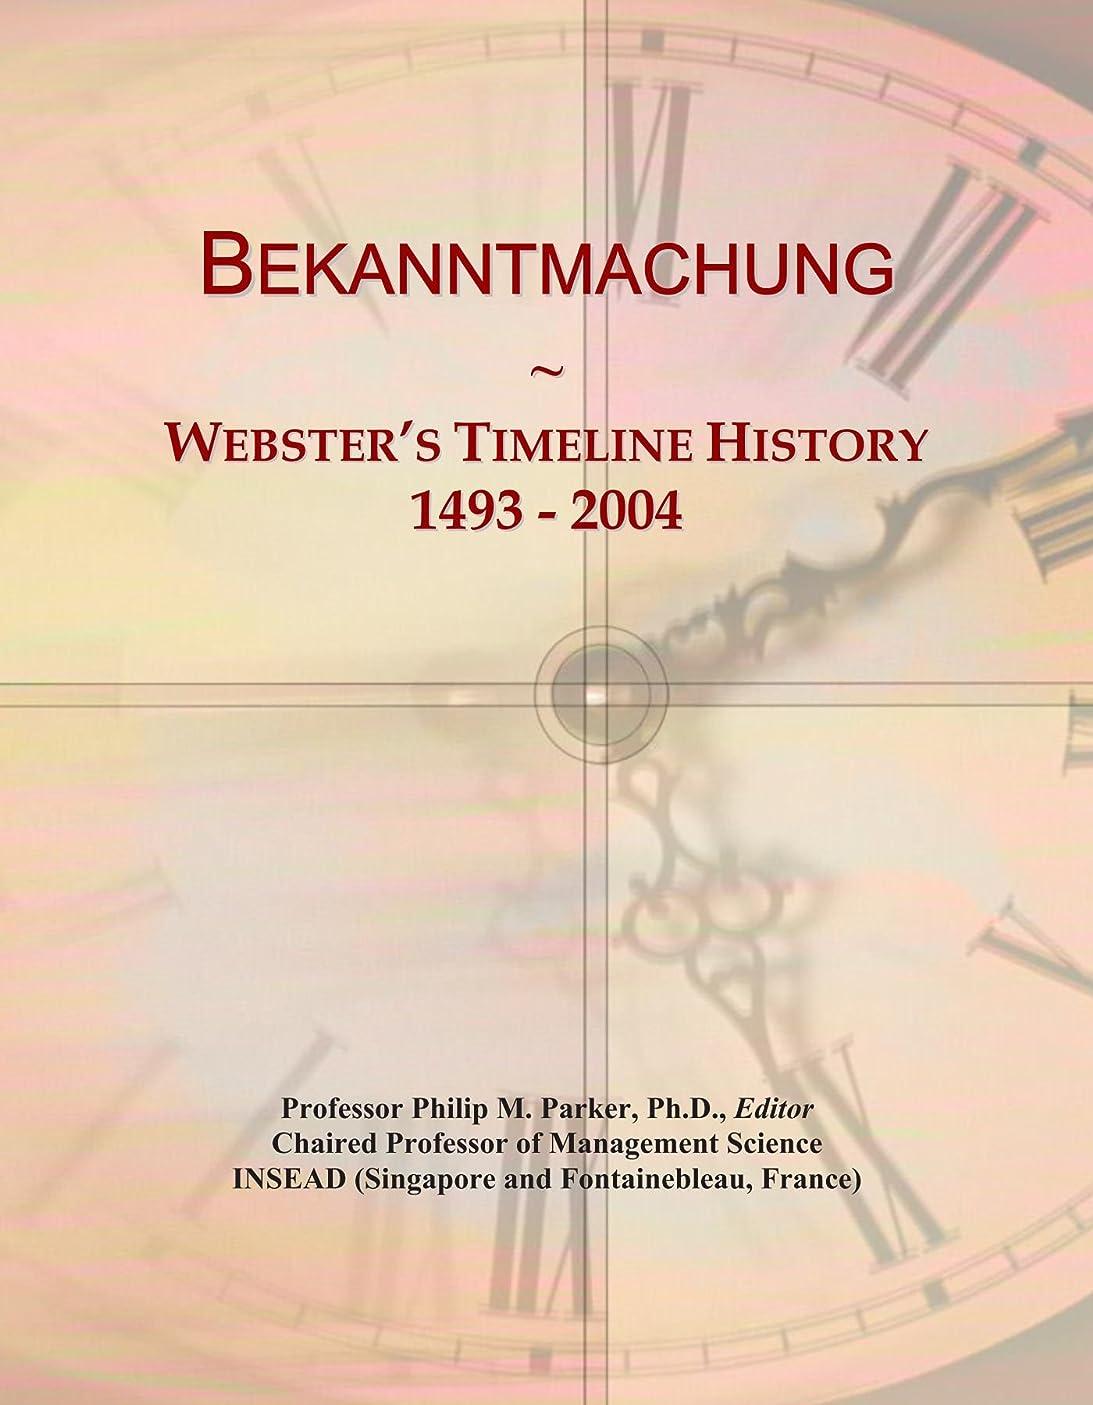 専門化するファンシーラインナップBekanntmachung: Webster's Timeline History, 1493 - 2004